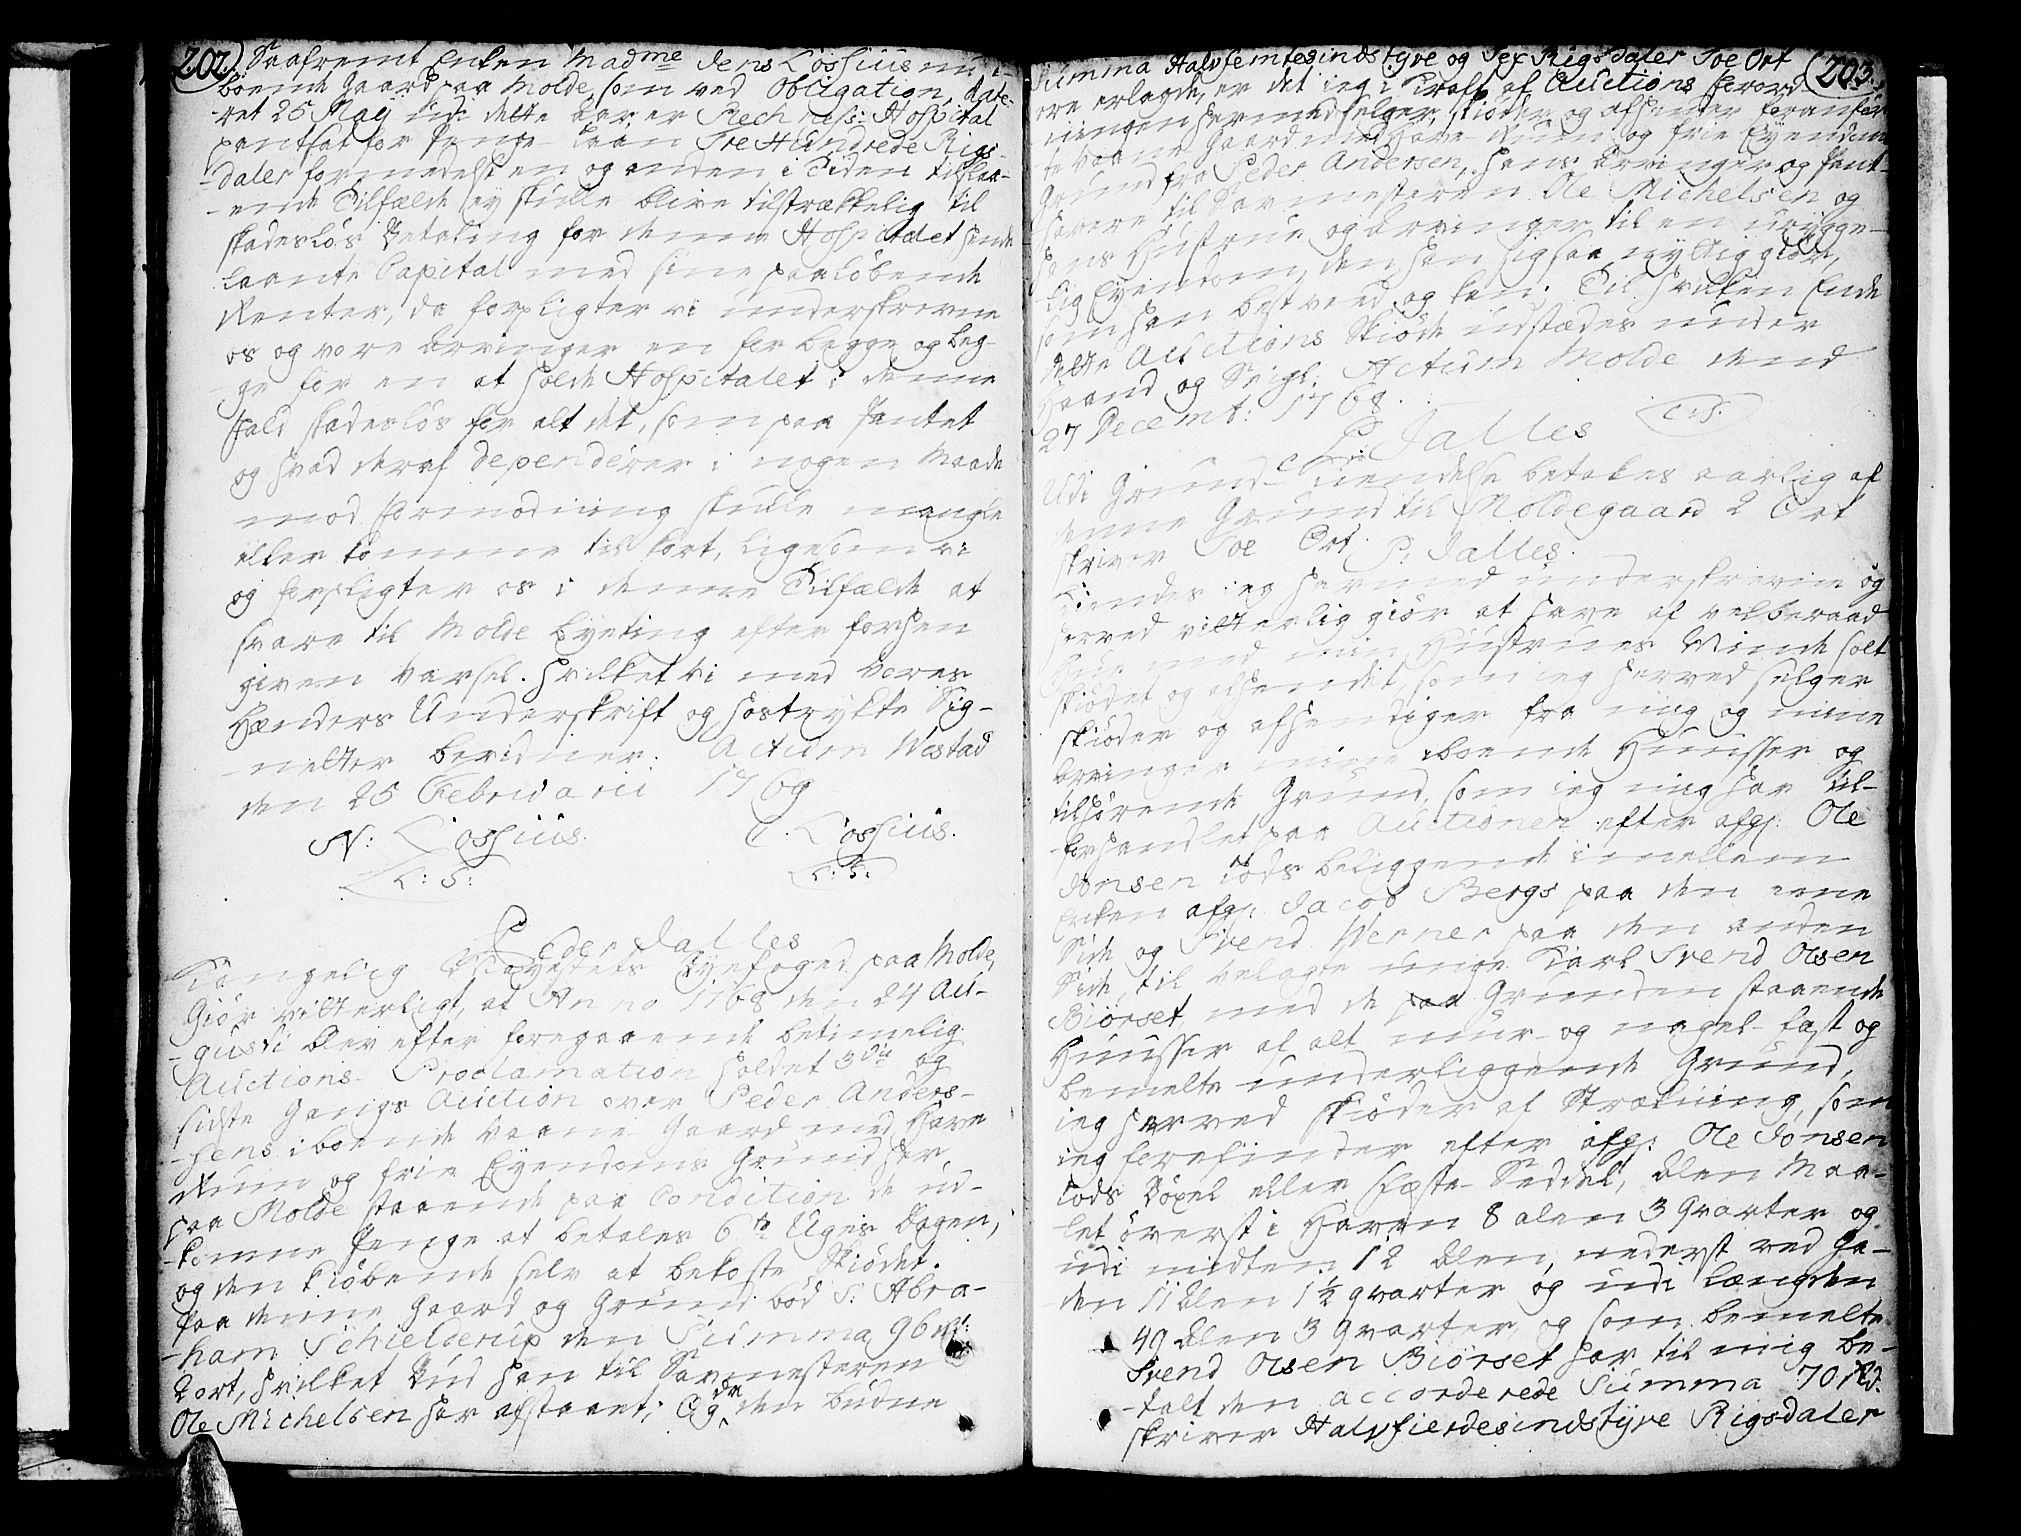 SAT, Molde byfogd, 2C/L0001: Pantebok nr. 1, 1748-1823, s. 202-203